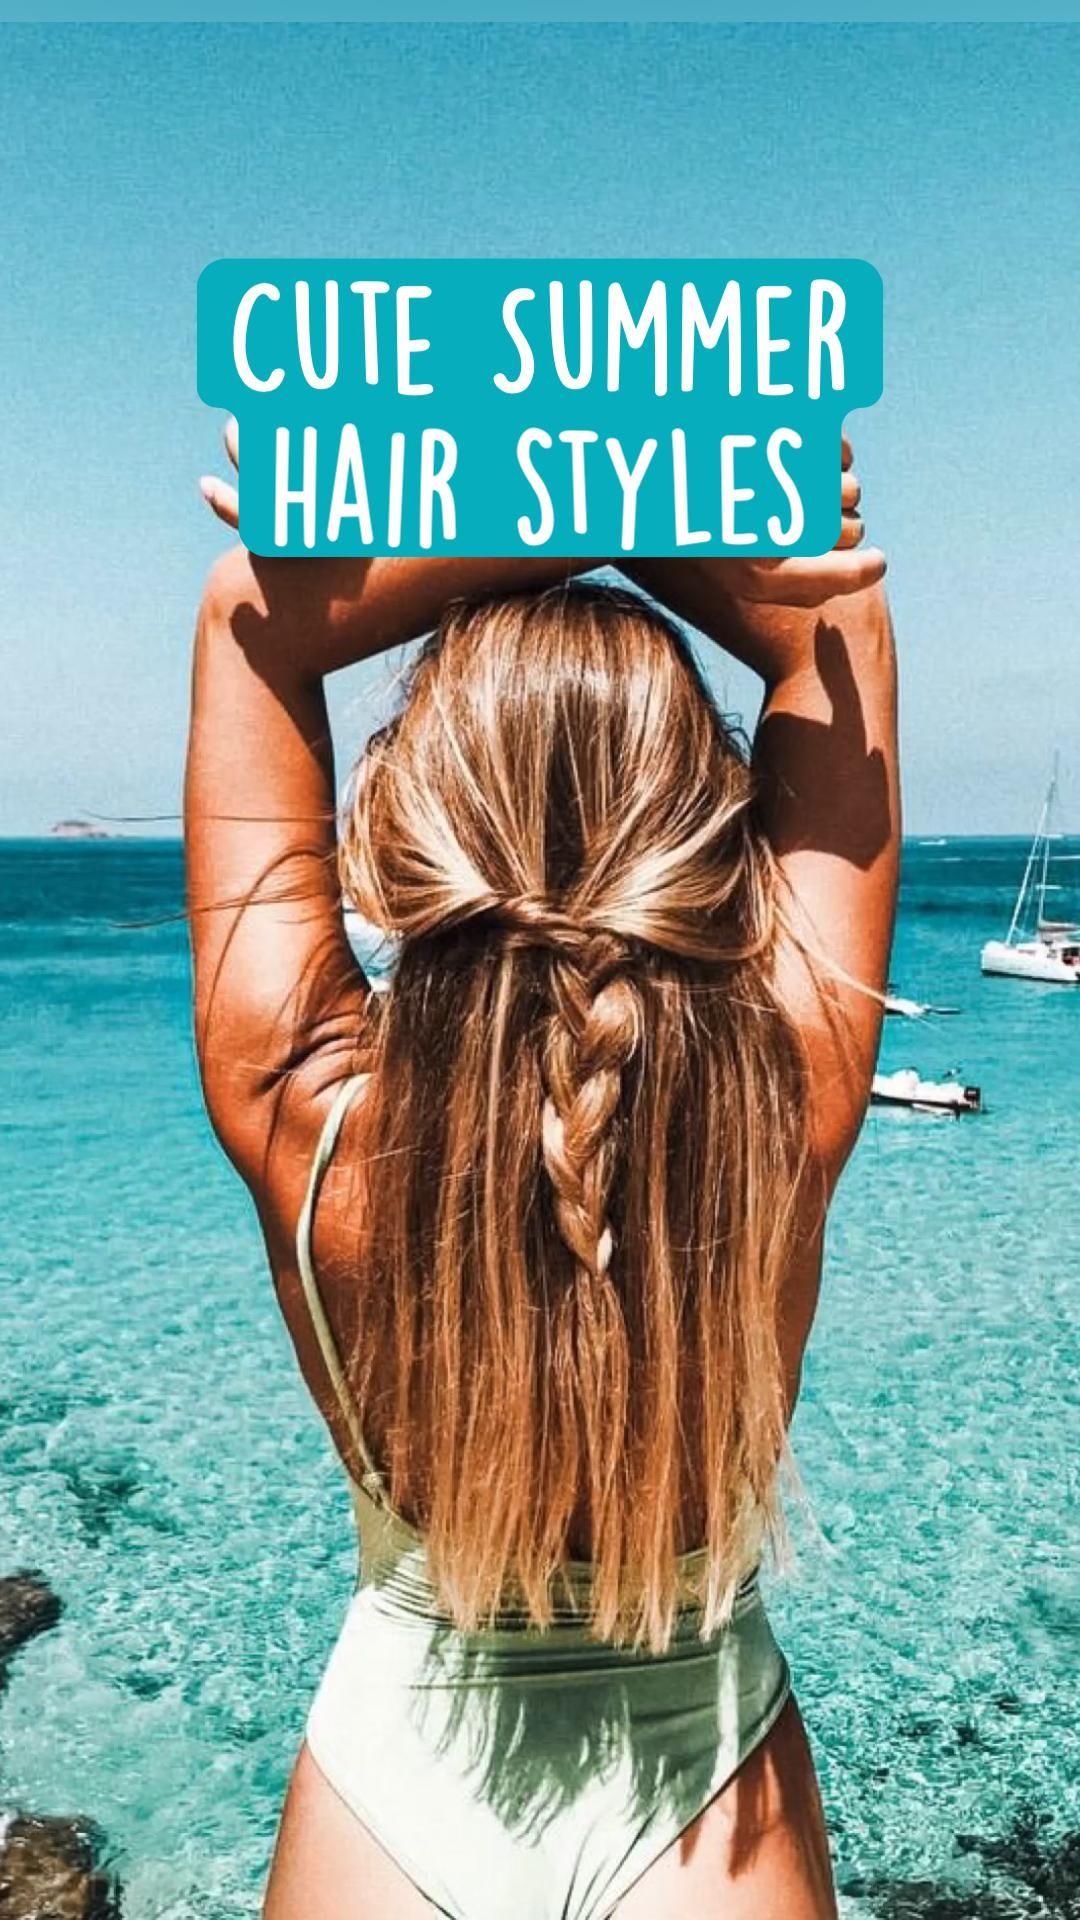 Cute Summer hair styles